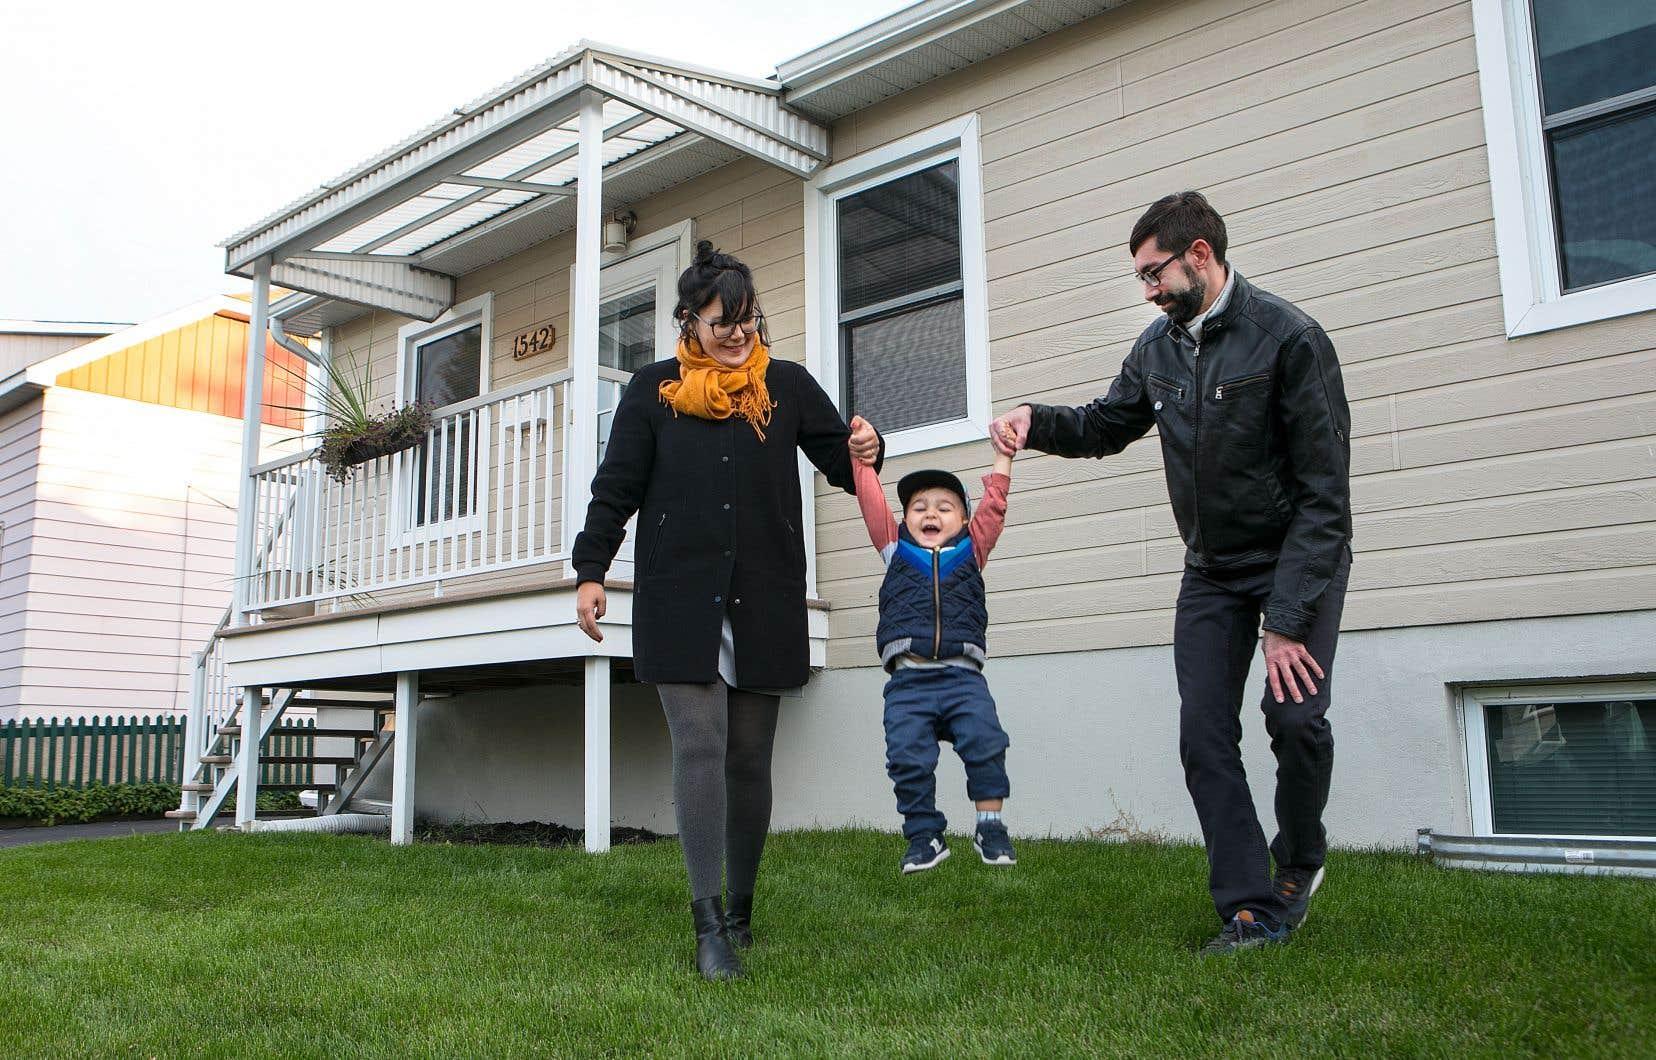 Après avoir affronté le marché immobilier montréalais sans succès, Geneviève Allard et Steve Desrochers ont élargi leurs horizons avec une idée en tête: trouver un nid à proximité d'une station de métro pour élever leur fils, Léon. La petite famille s'est finalement établie dans le Vieux-Longueuil.